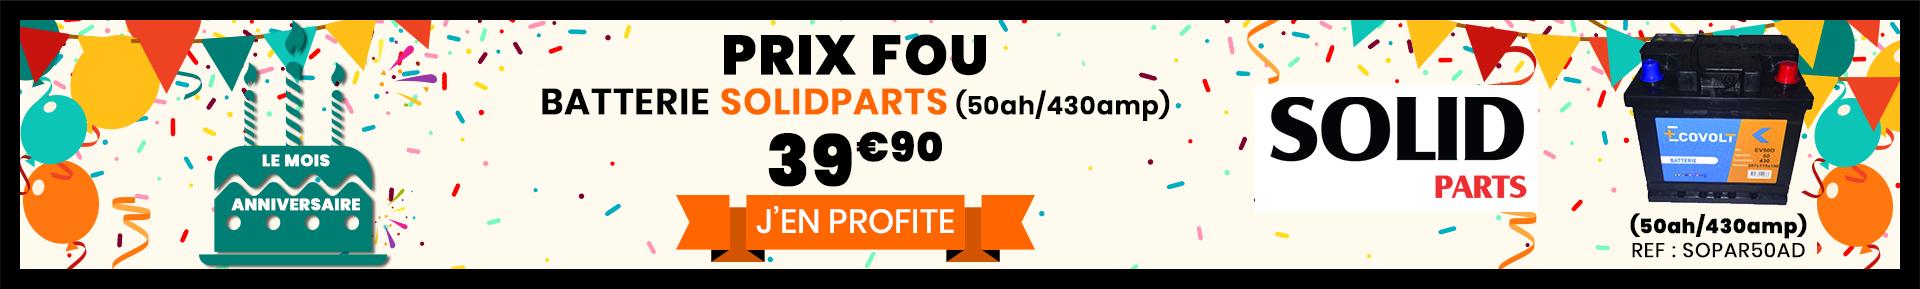 Batterie solidparts à 39€90